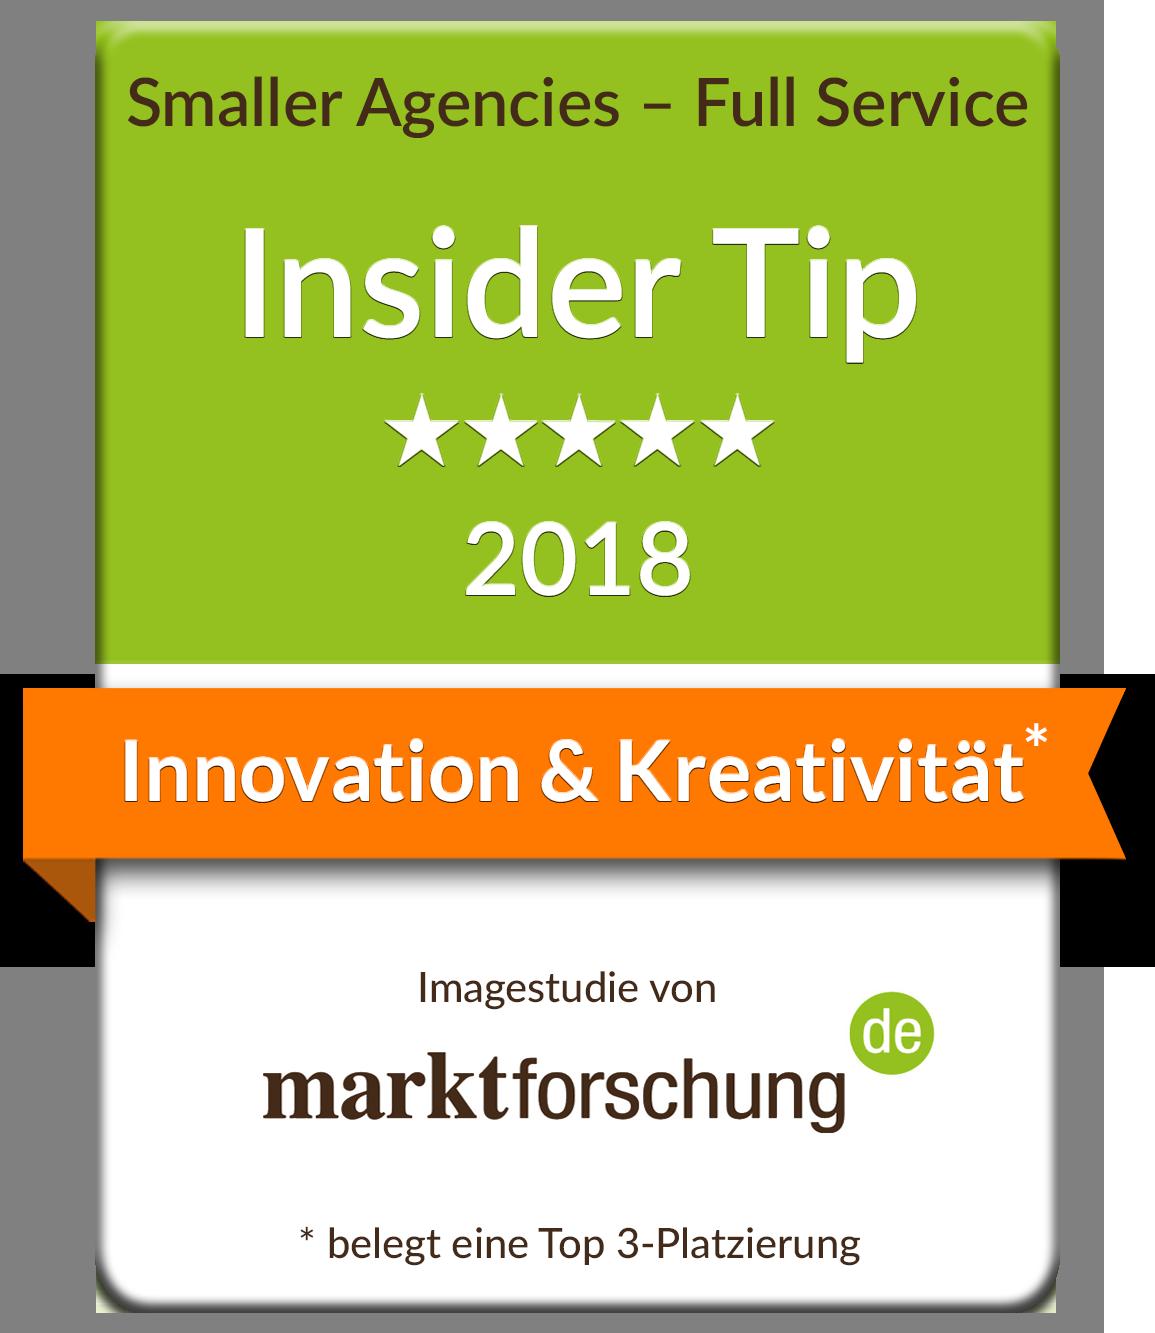 marktforschung.de Innovation & Kreativität Top 3